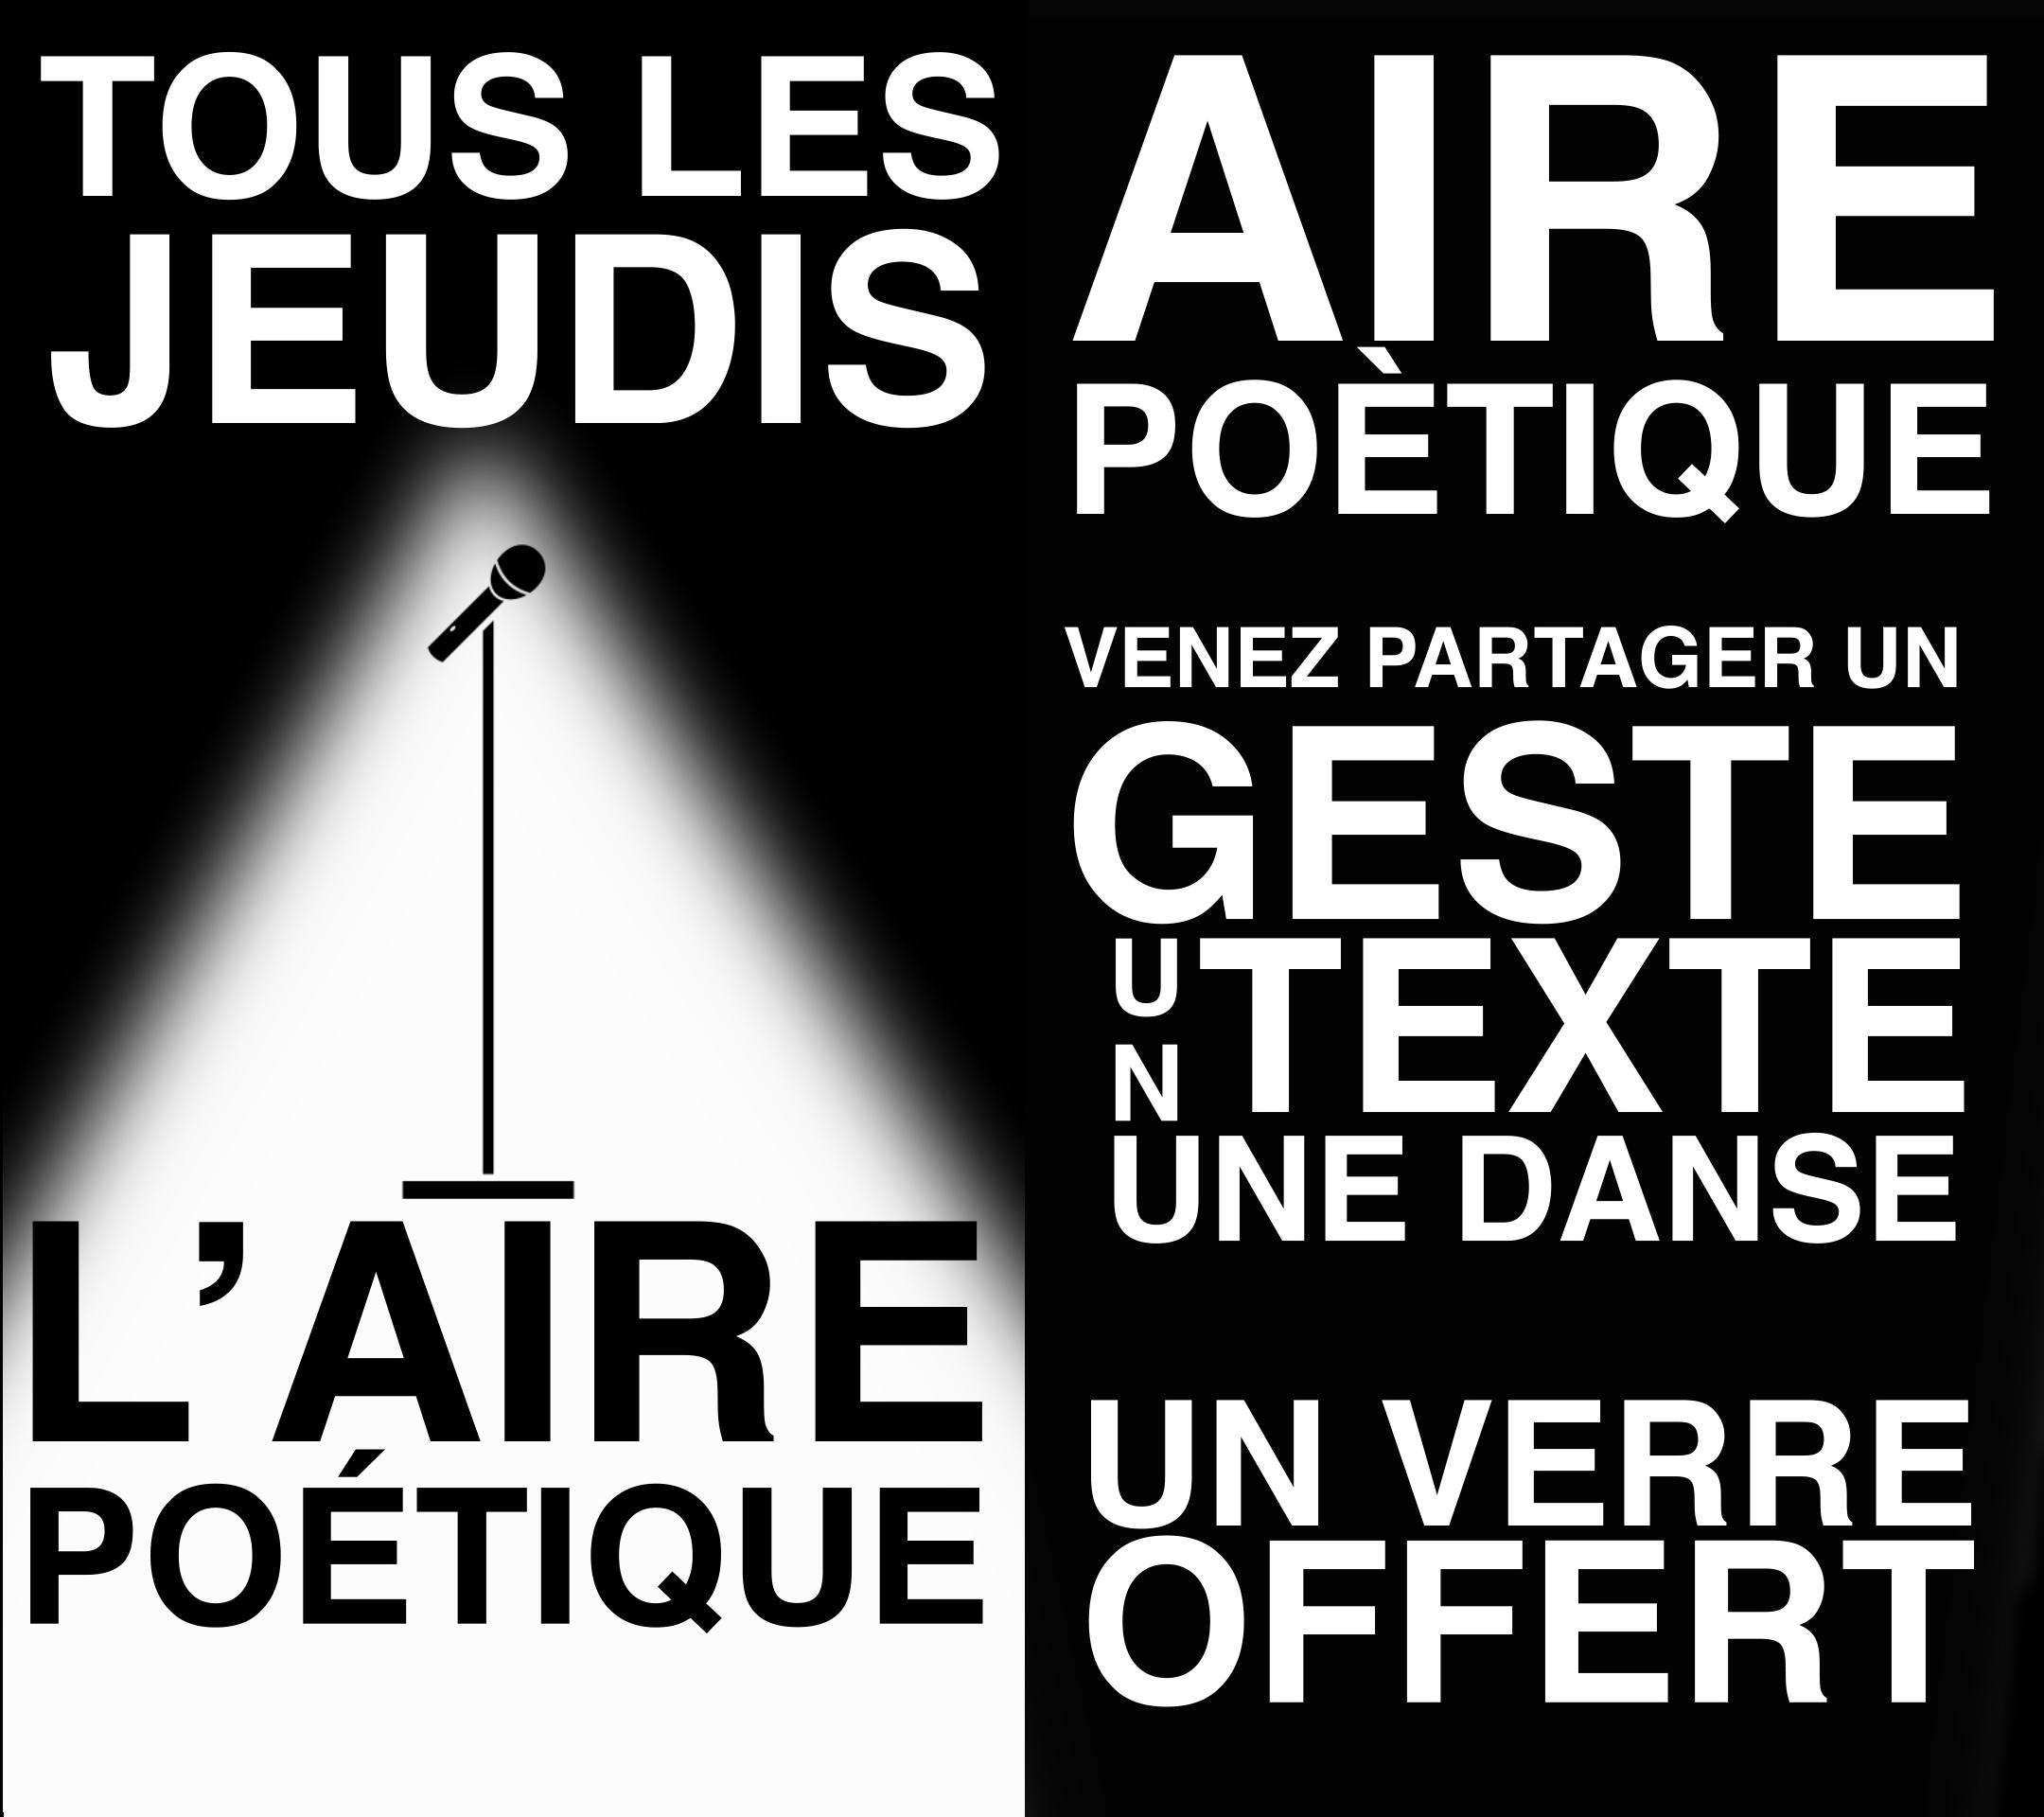 Chaque jour de la semaine L'Aire vous propose un événement ! Les jeudis c'est poésie avec L'Aire Poétique !